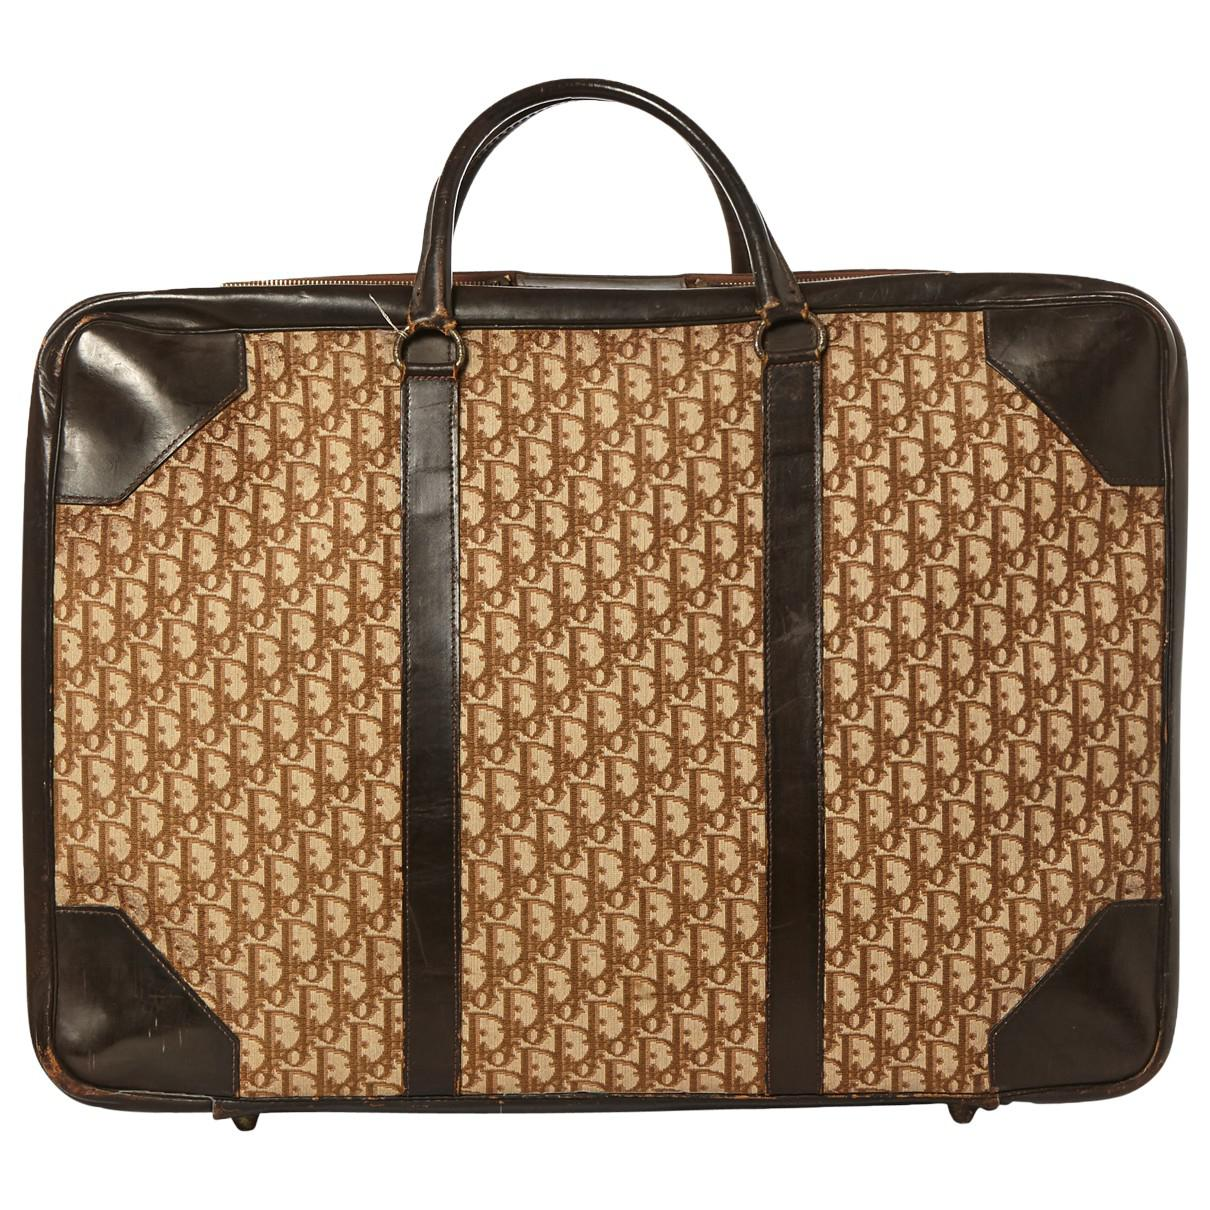 Dior Pre-owned - Cloth travel bag 1qEC0qw